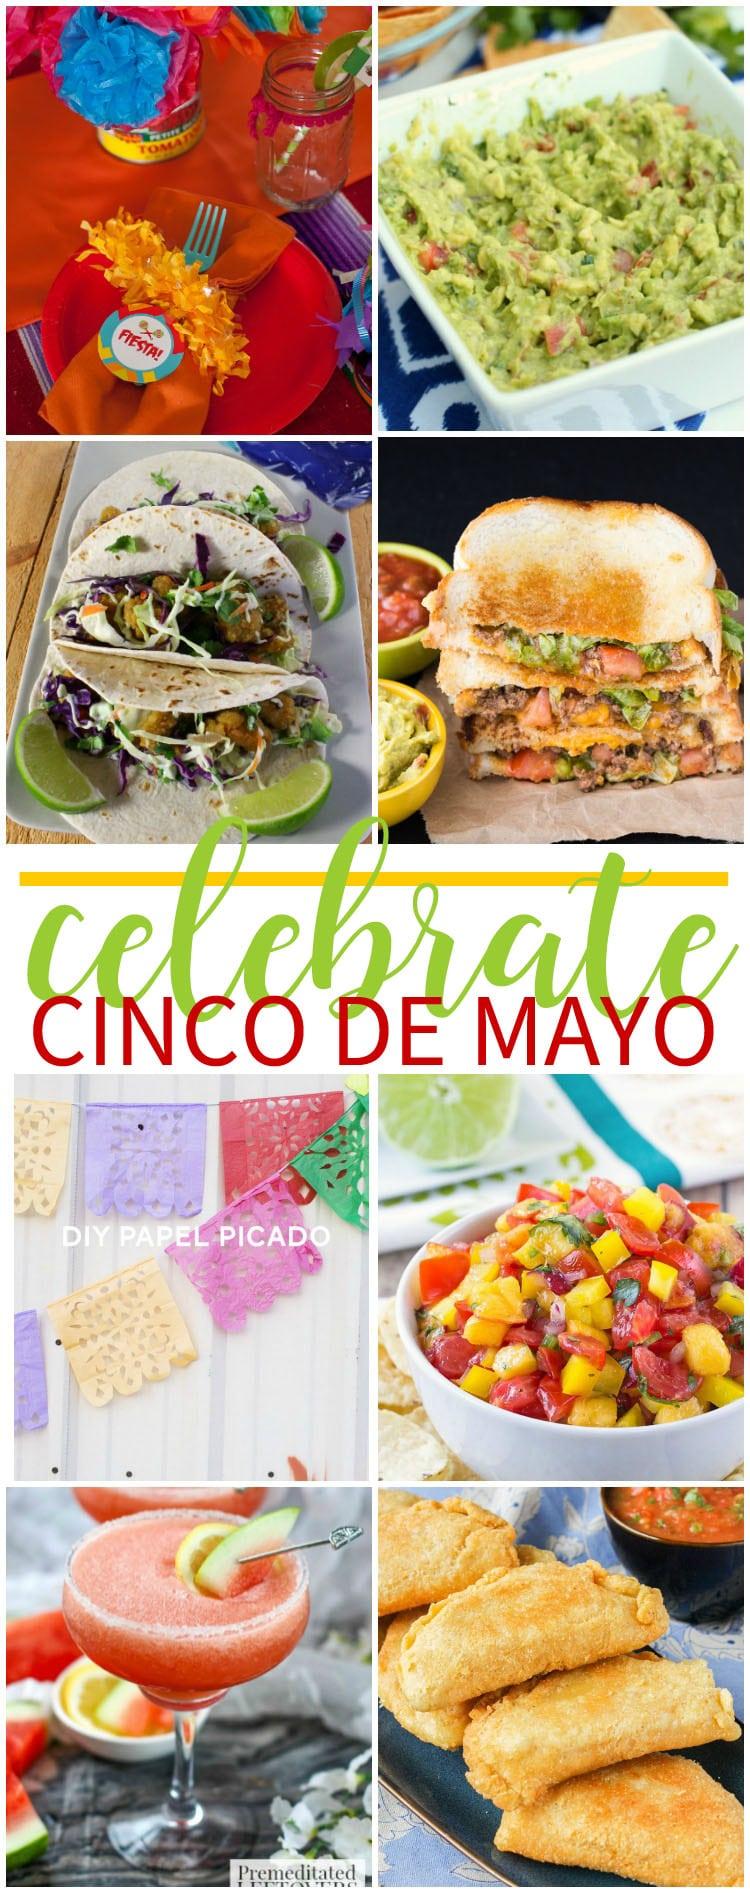 Cinco de Mayo - recipes & decor